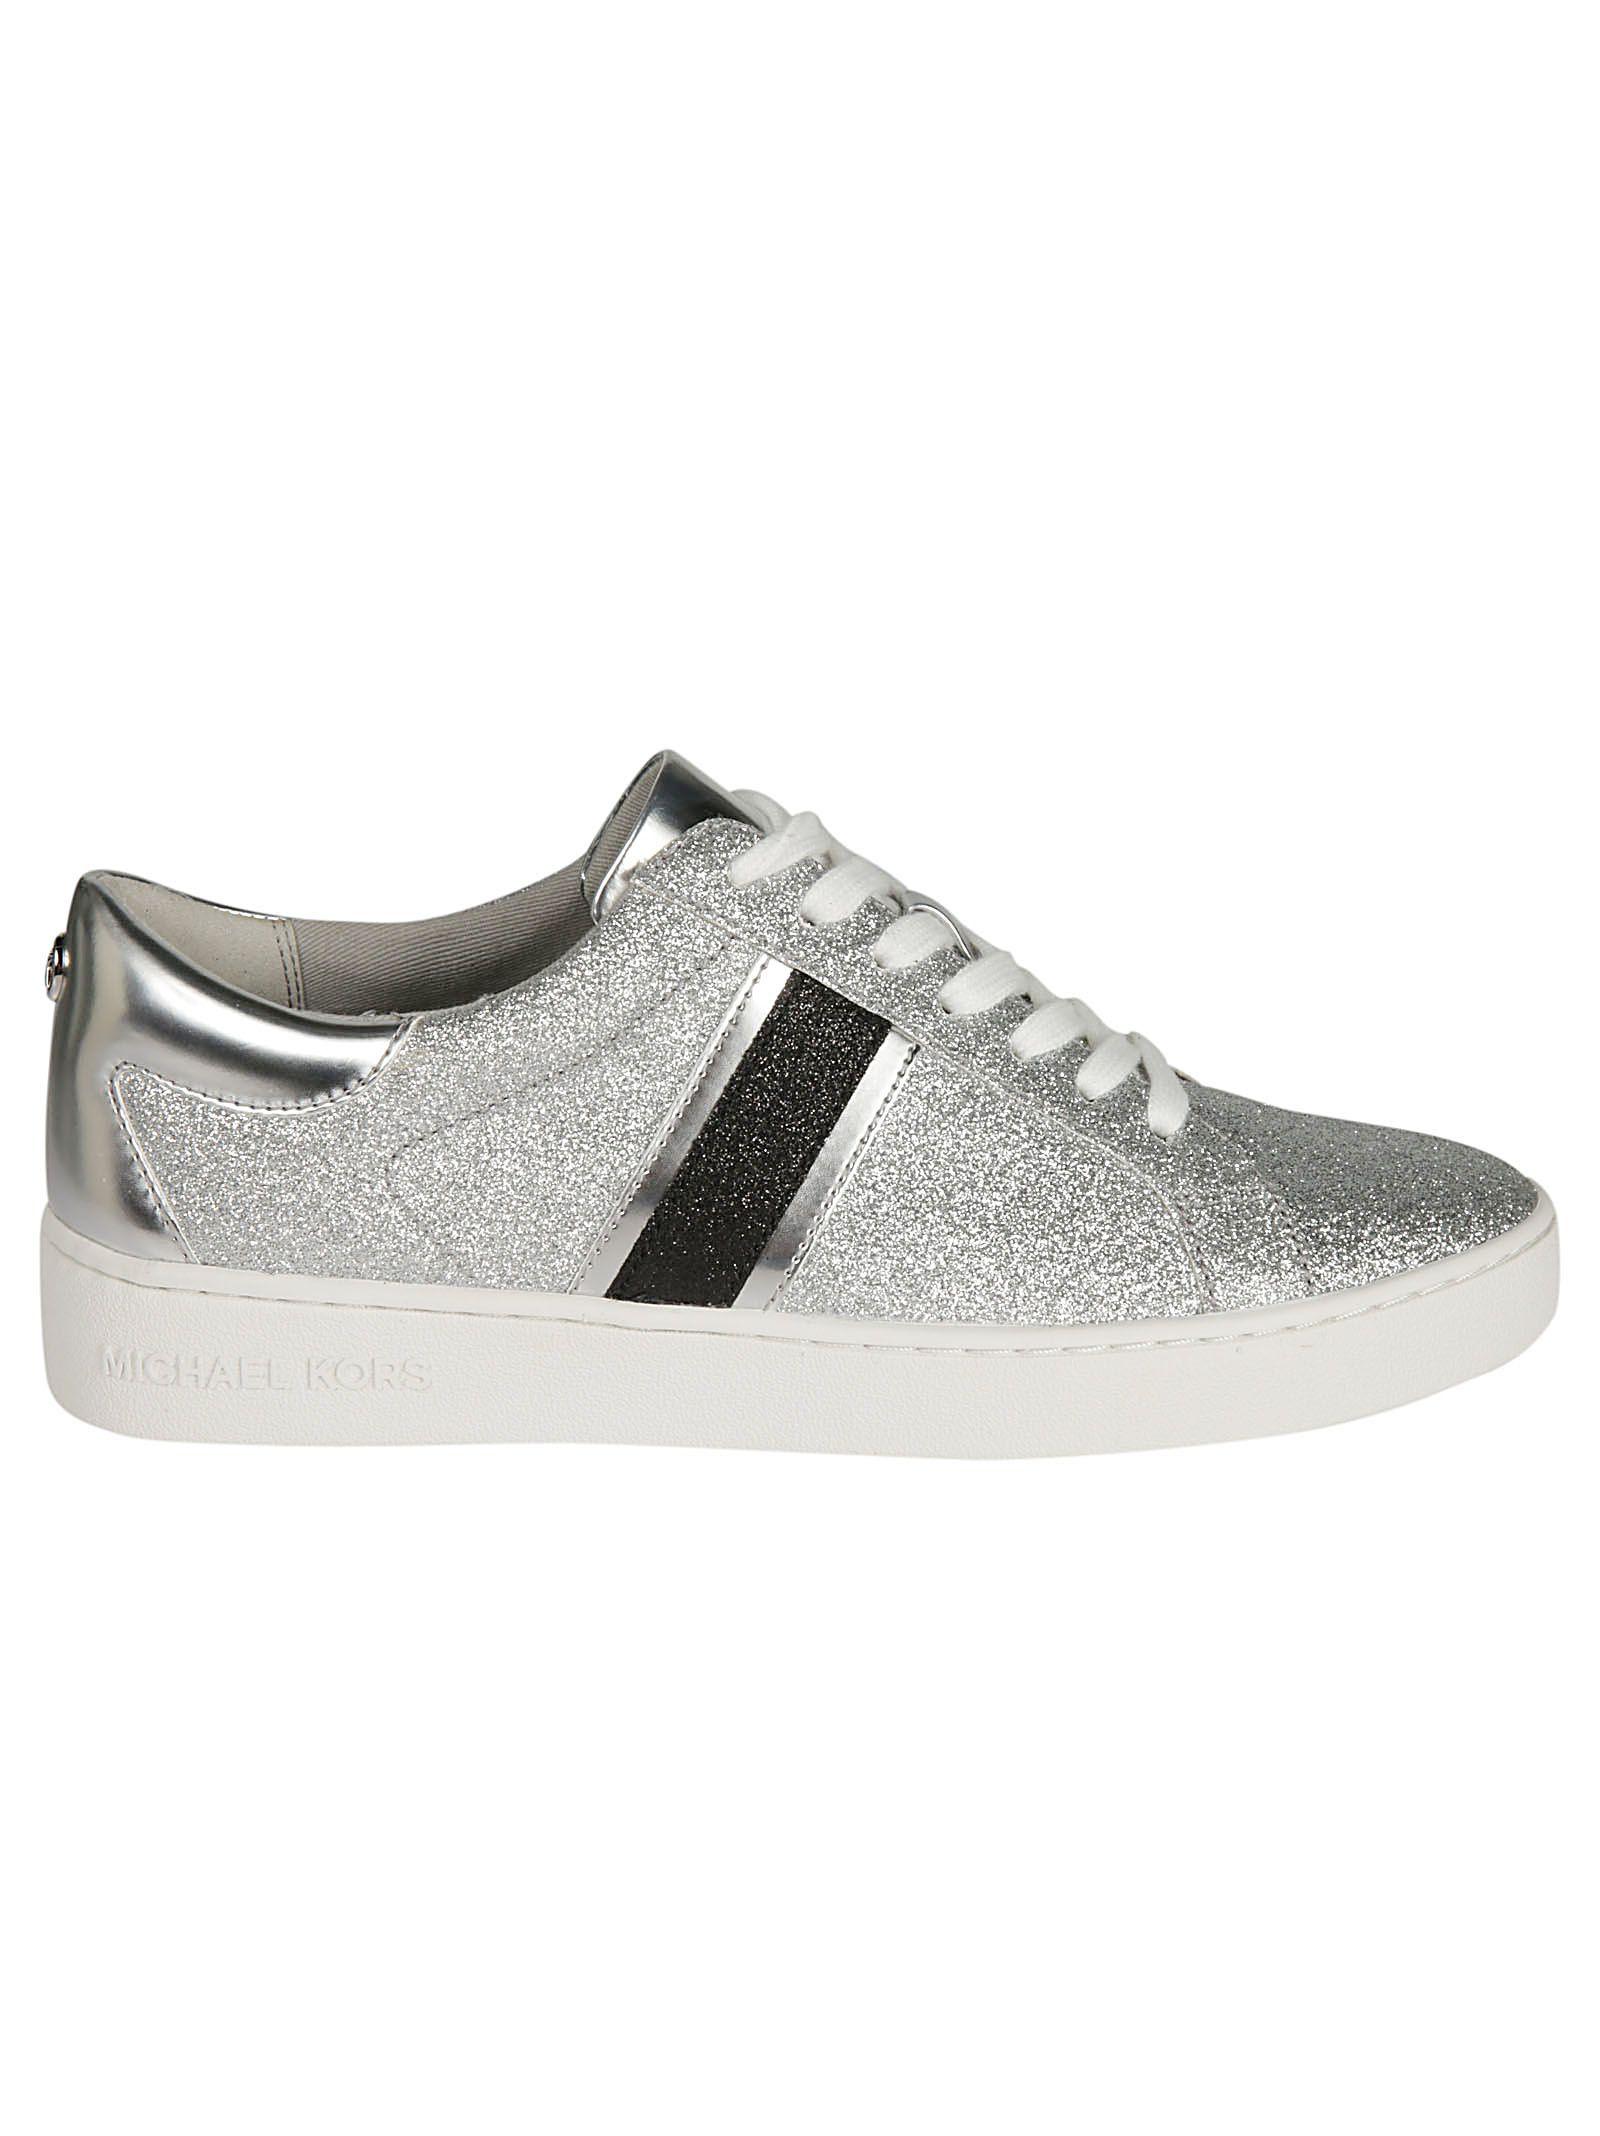 Michael Kors Keaton Striped Glitter Sneakers